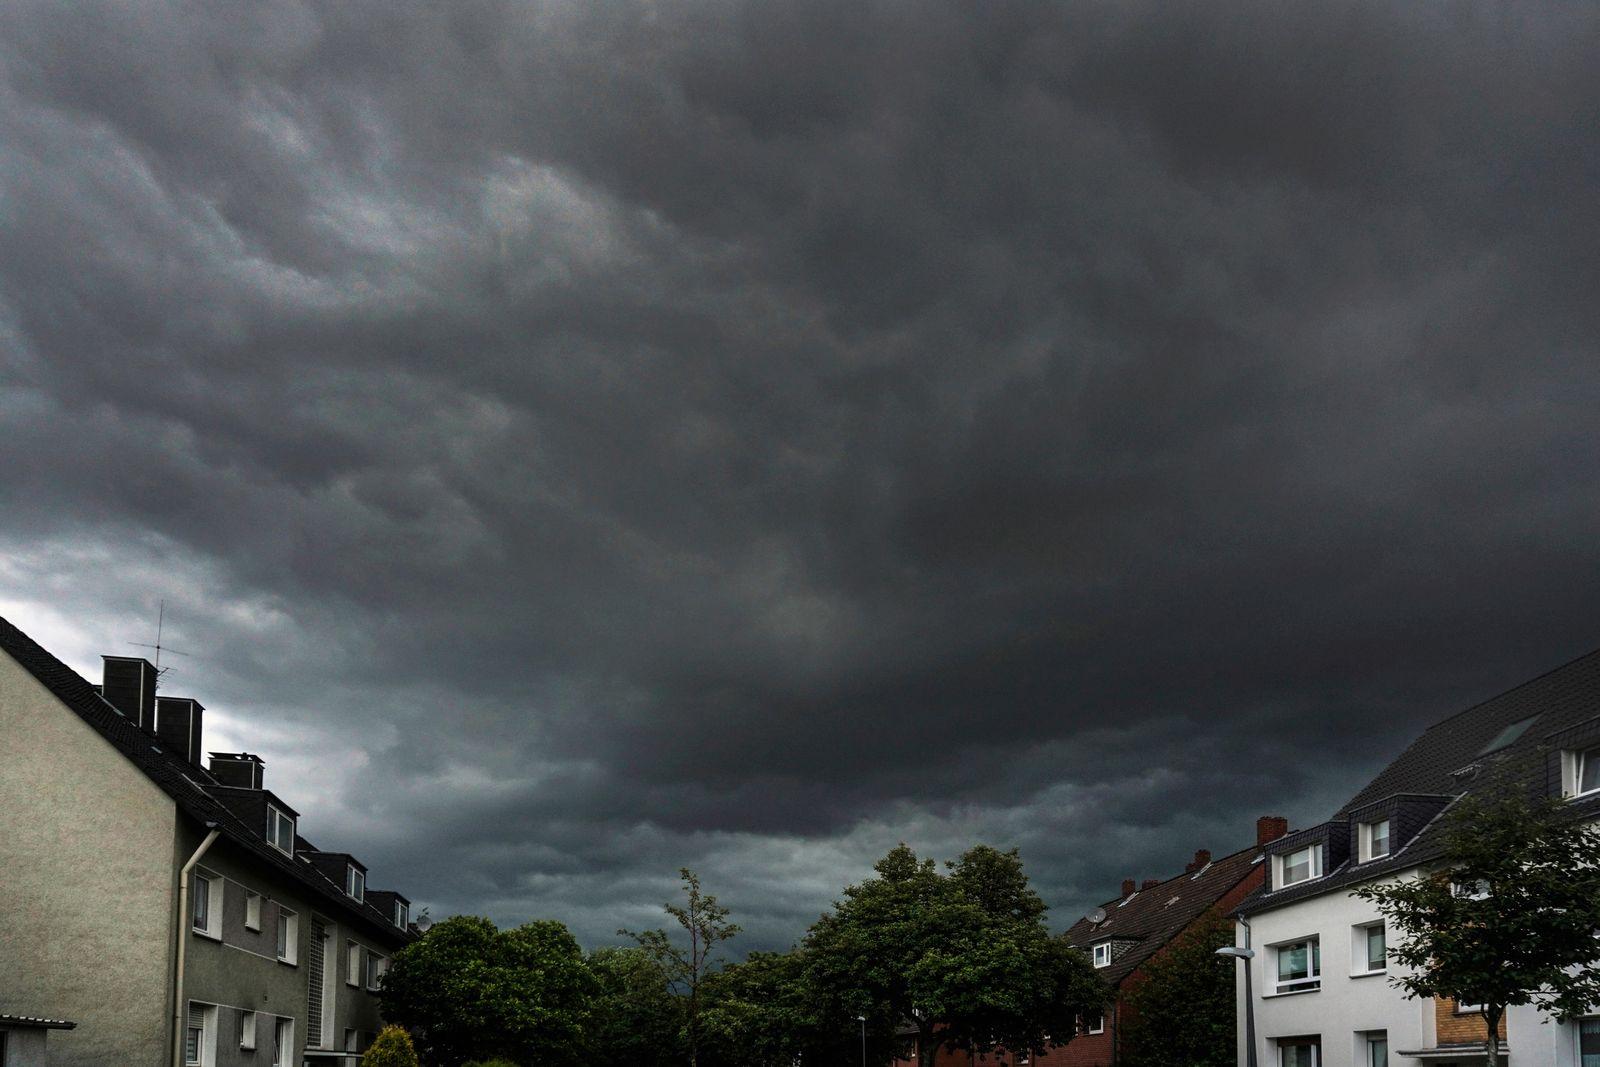 Hˆchte Warnstufe vor Extremunwetter Am Sonntag, den 4. Juli 2021 zwischen 15 und 16 Uhr kam es in Essen zur hˆchsten War